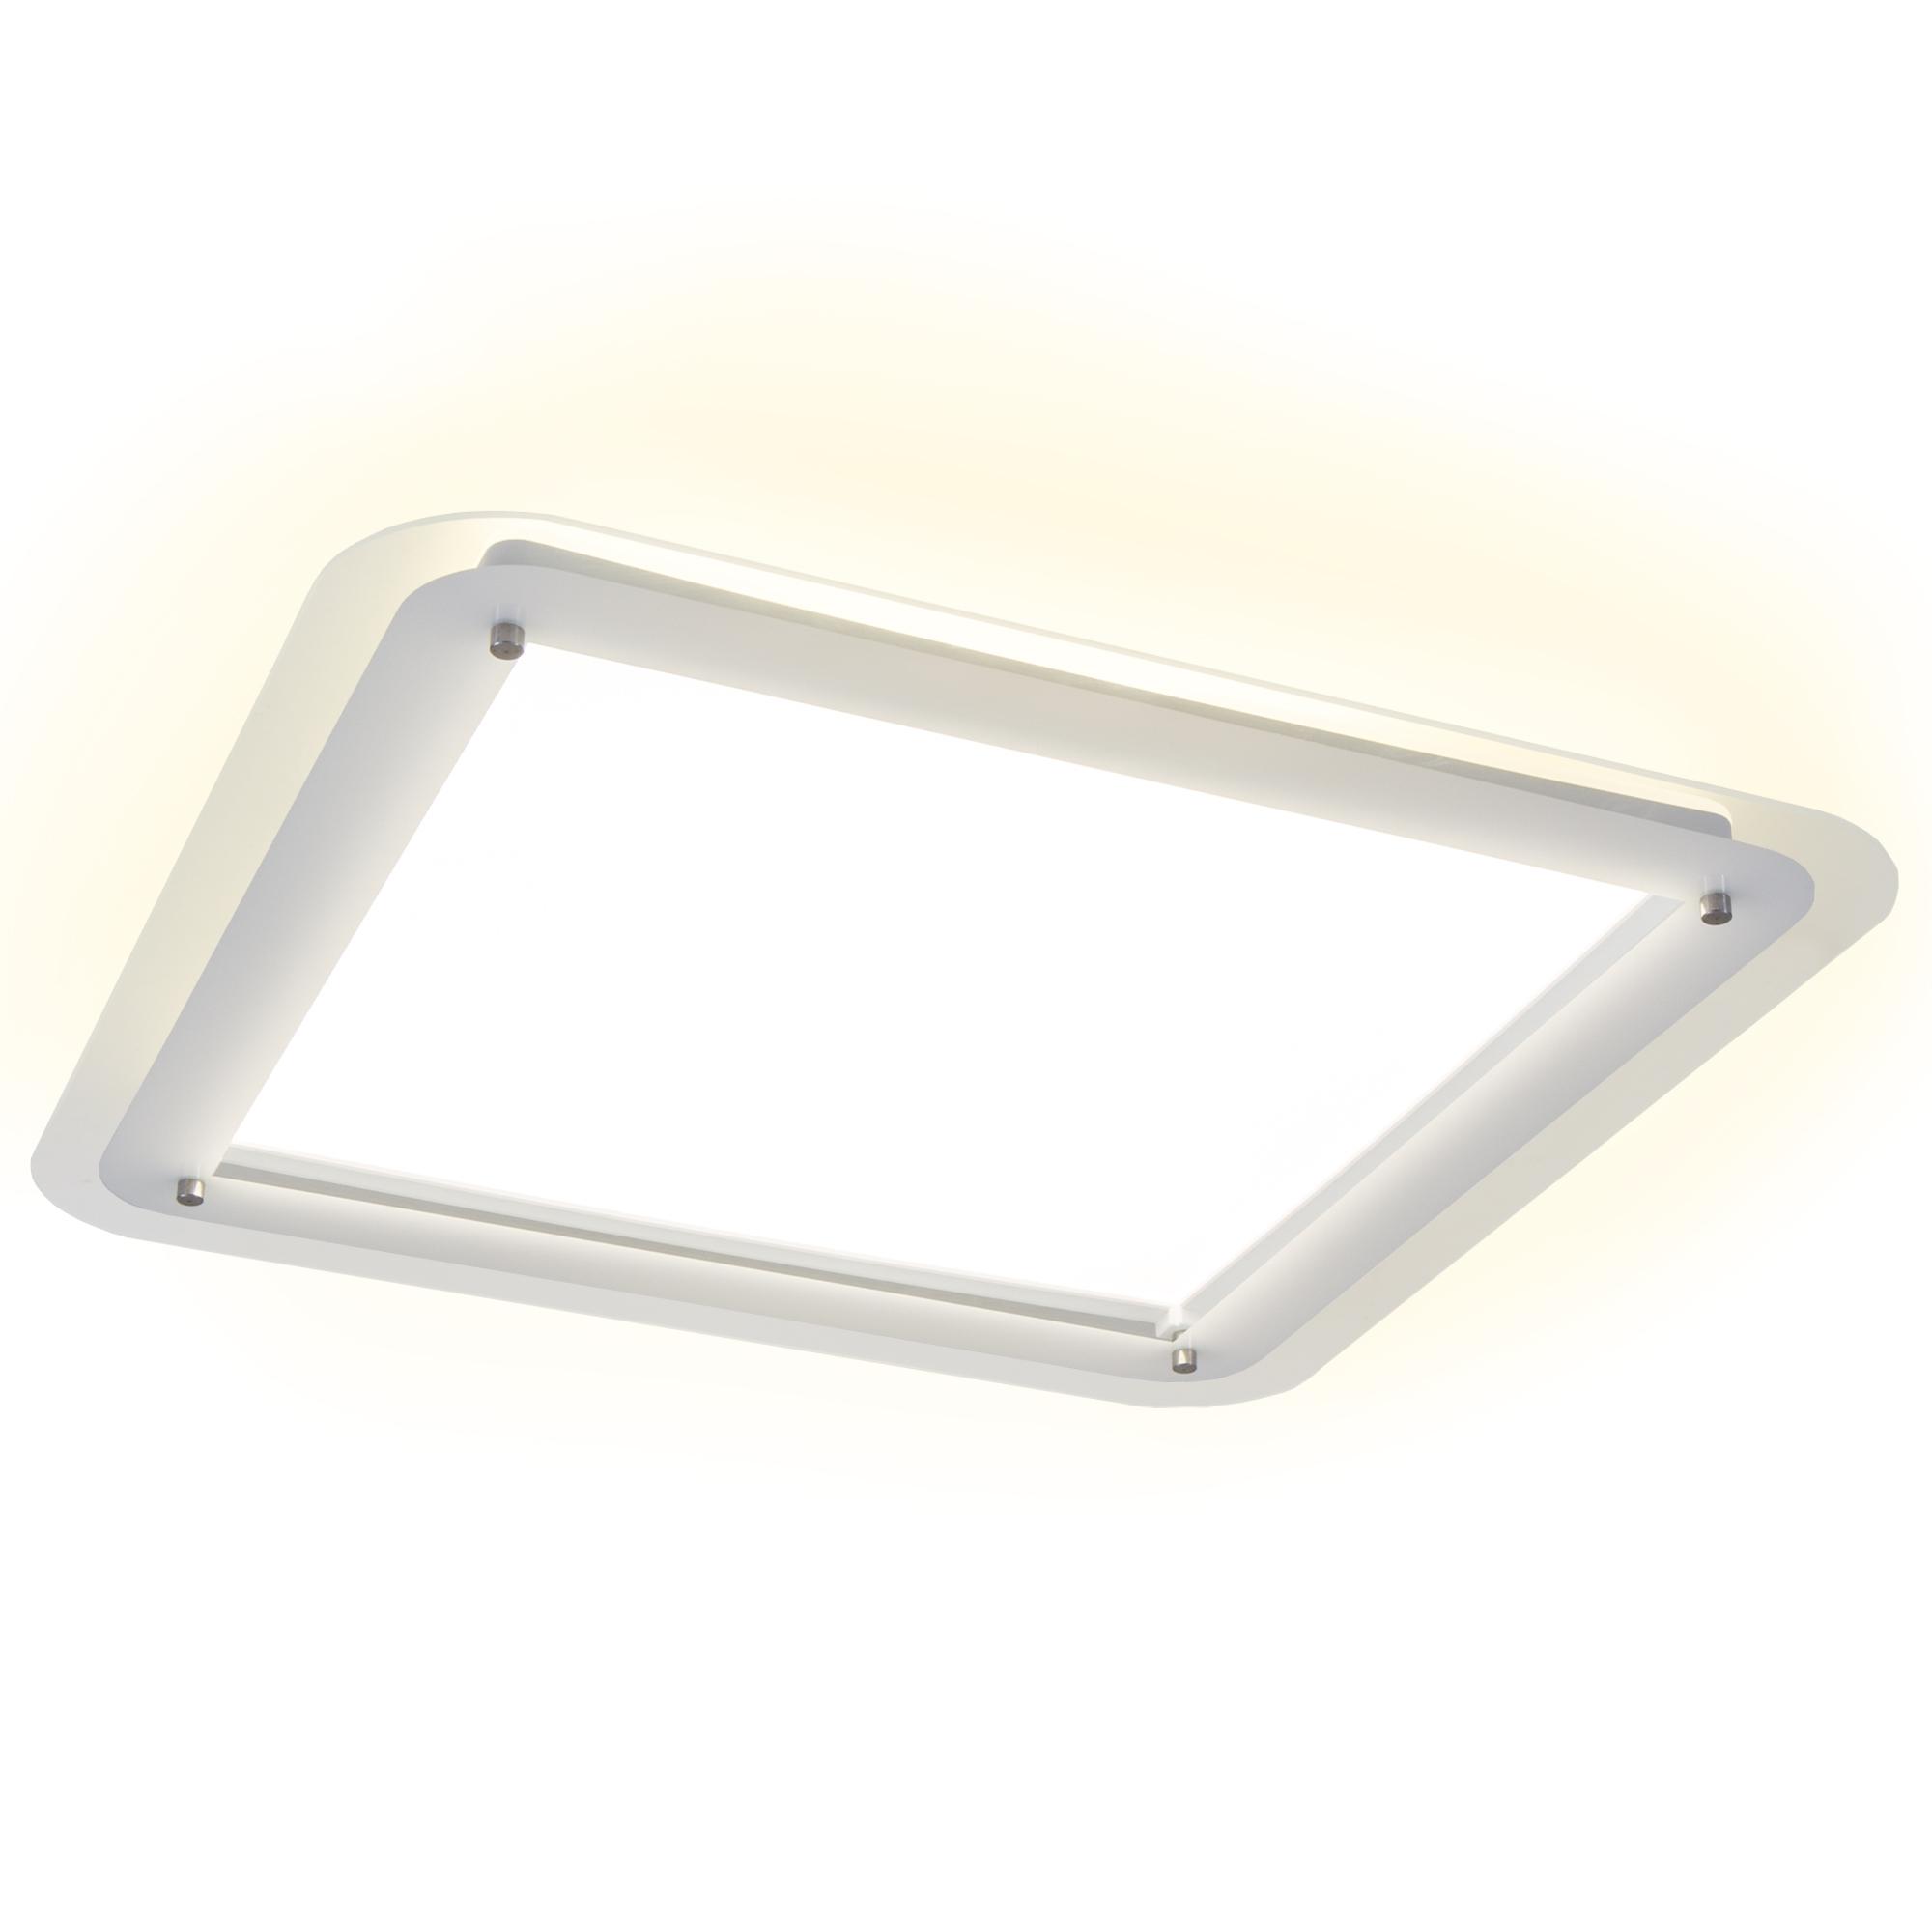 3395-016 LED Deckenleuchte